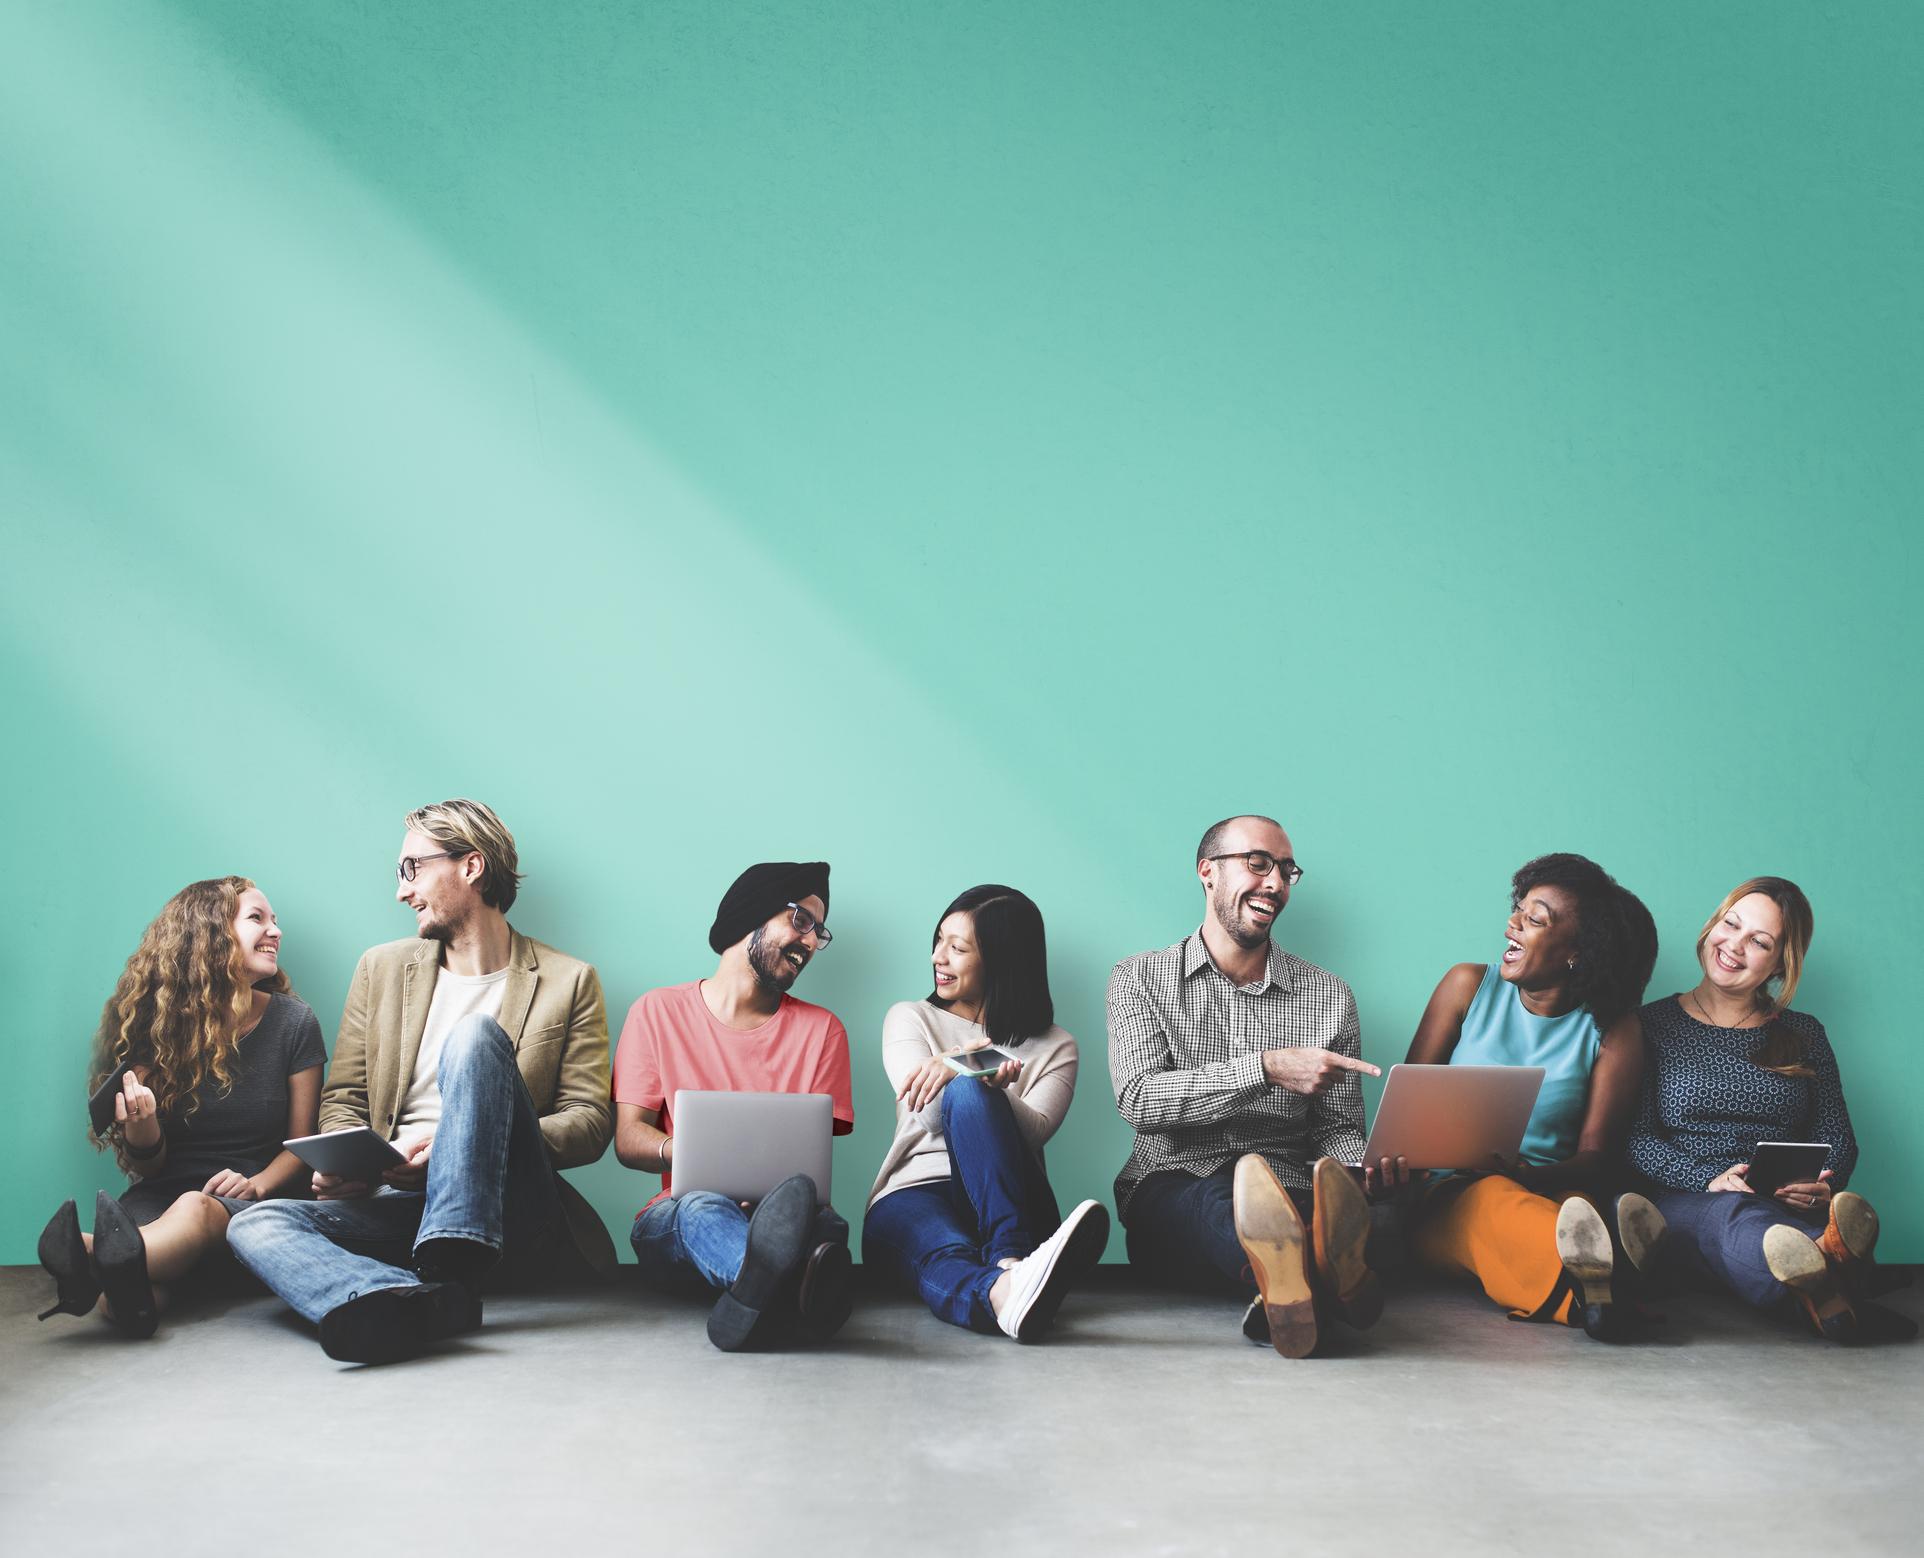 Människor med olika ursprung sitter på rad på golvet. Pratar, skrattar och pekar på laptops som en del har i sina knän.